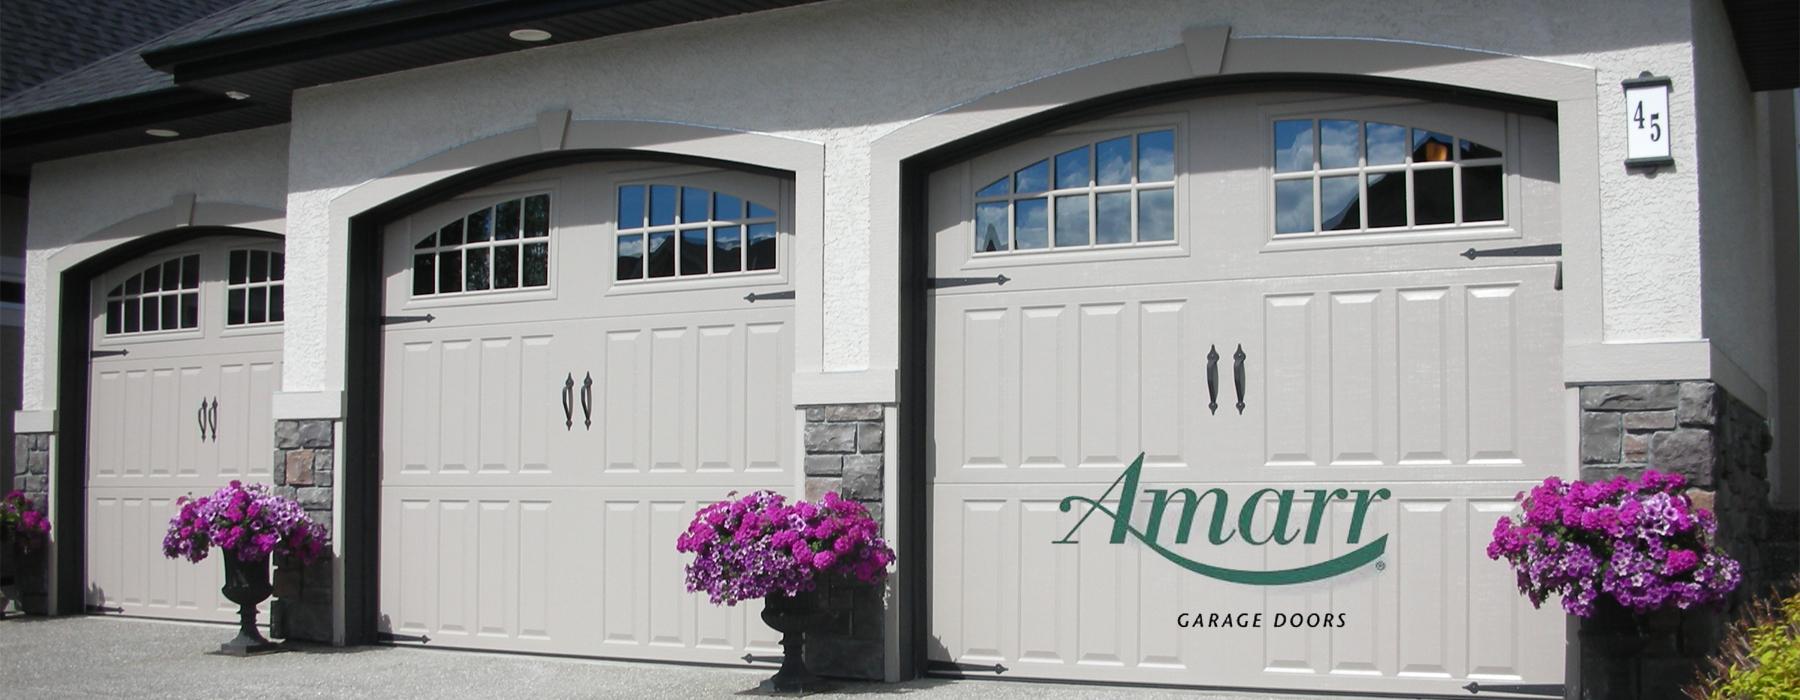 Garage Door Repair And AGarage Accessories Doors